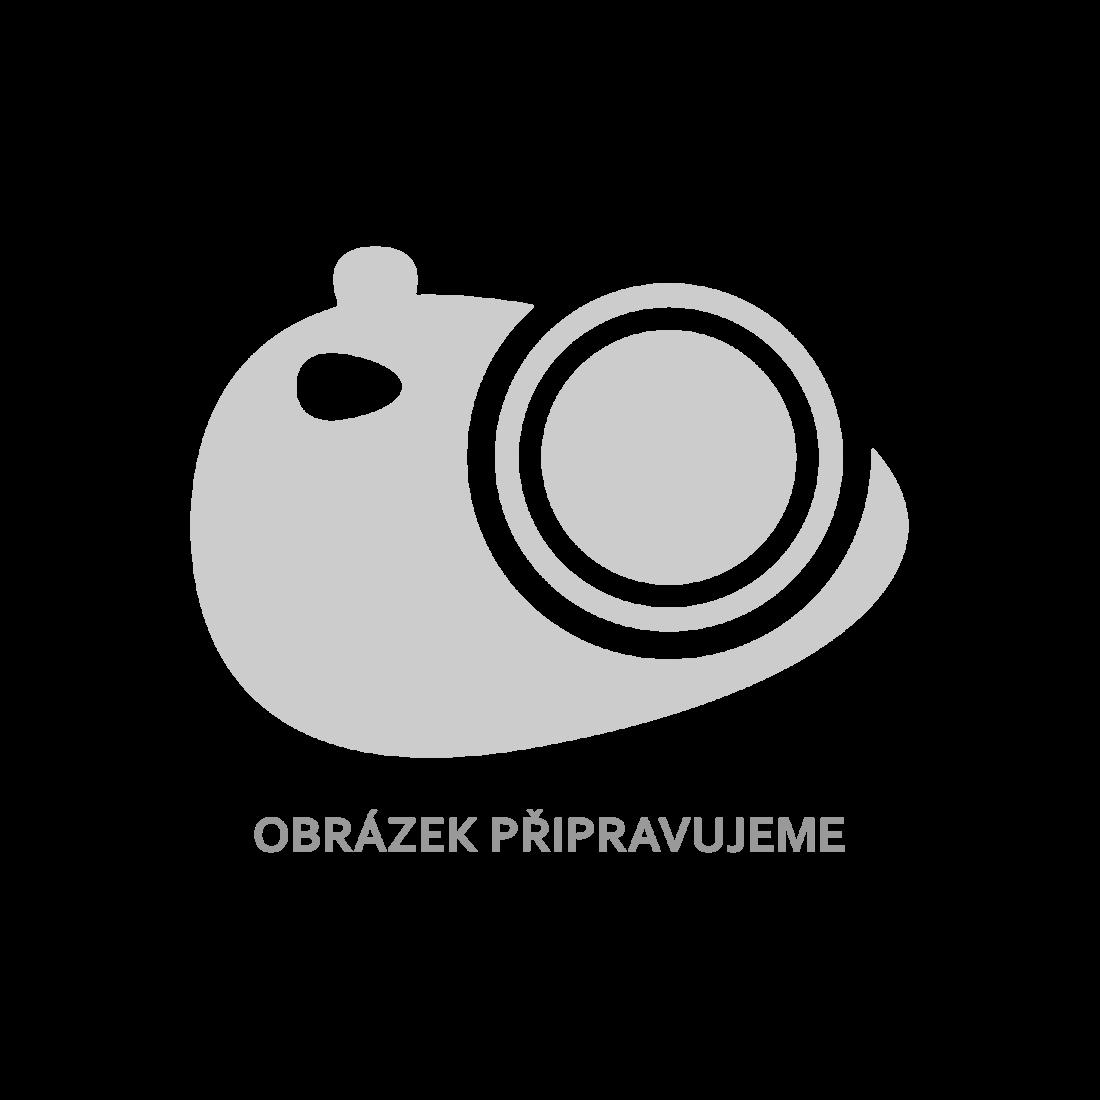 vidaXL Nástěnné police 3 ks bílé dřevotříska [800198]